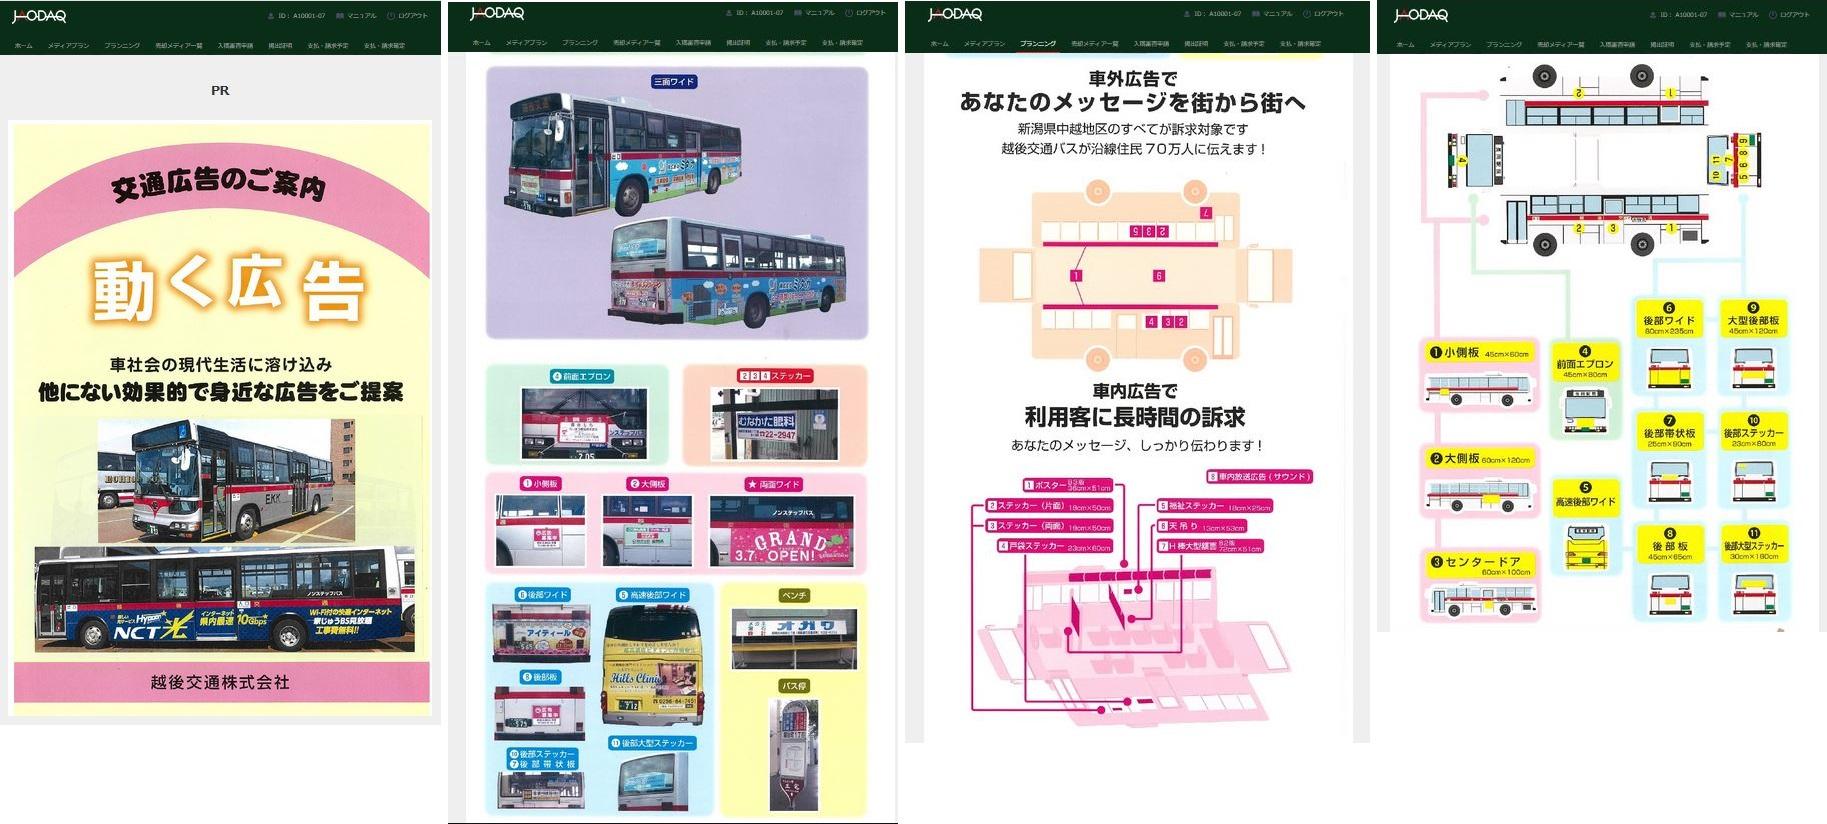 越後交通様バス広告